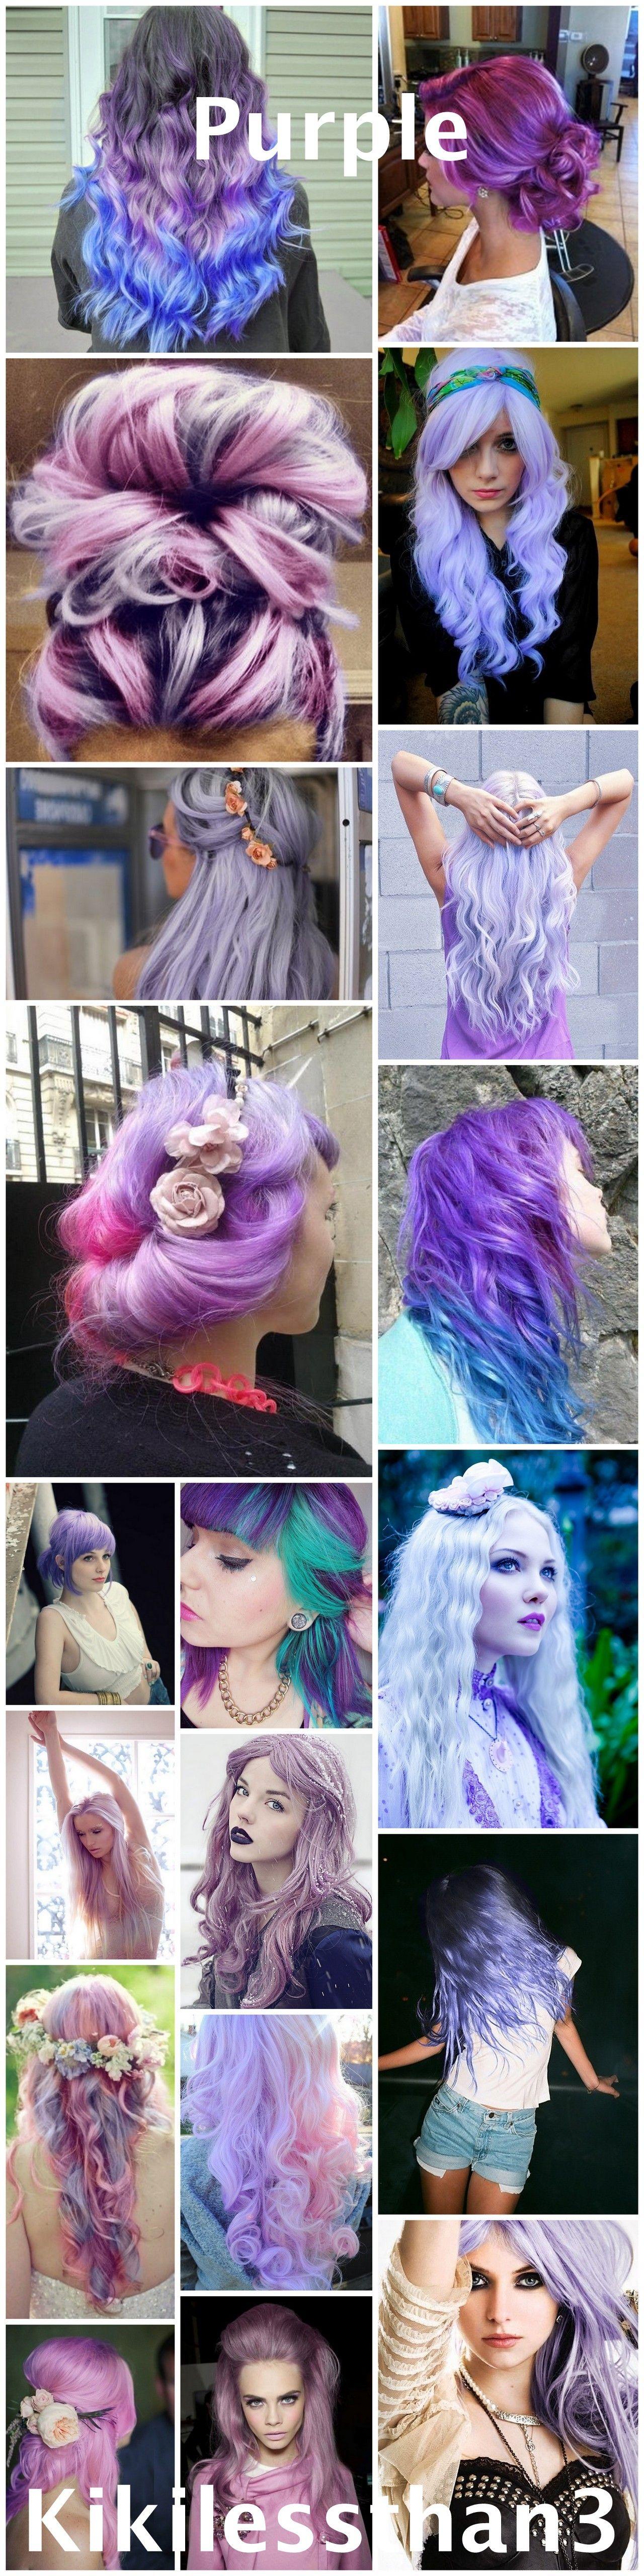 Pastel hair ideas purple hair lilac hair lavender hair purple